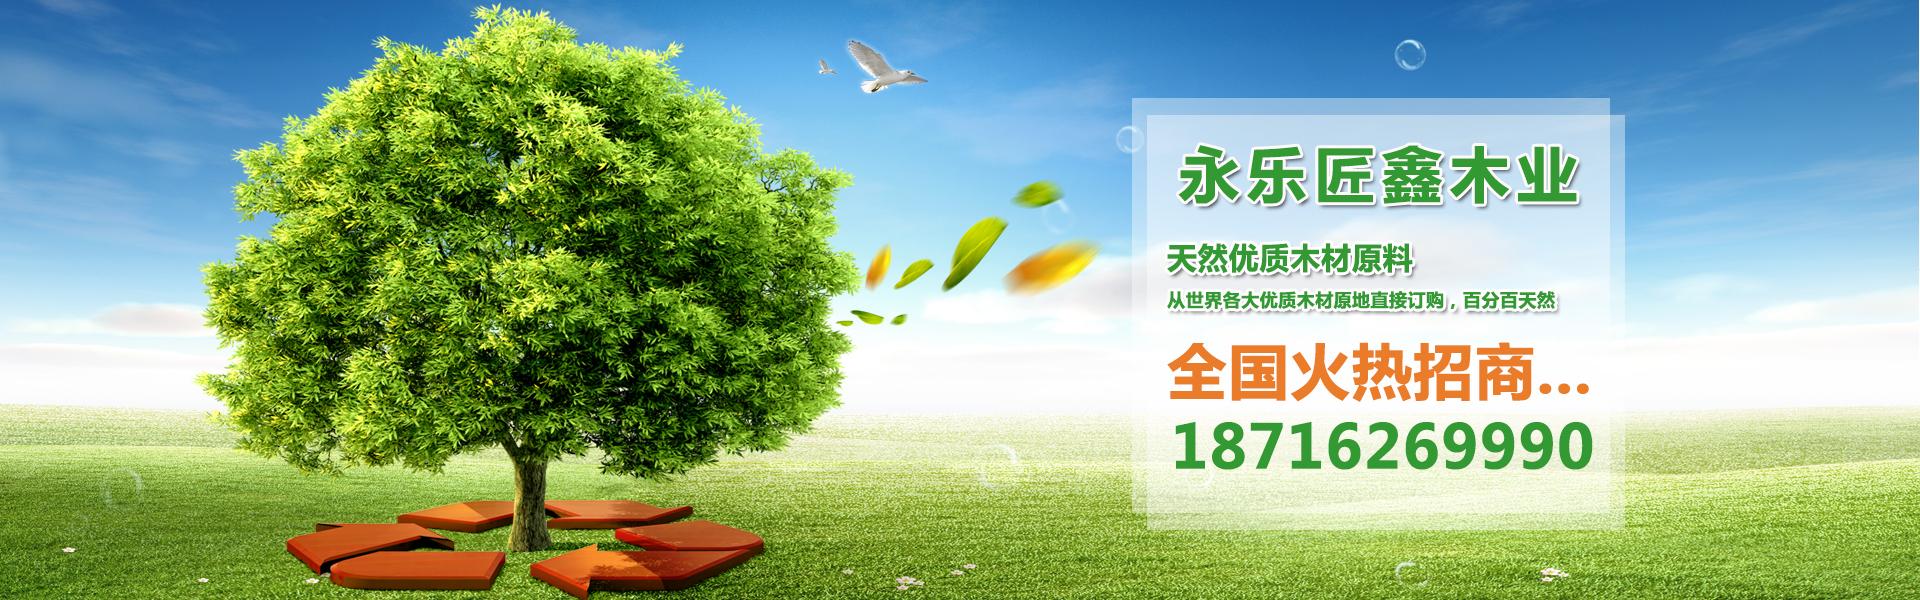 重庆木材采用天然优质木材原料,从世界各大优质木材原地直接订购,百分百天然